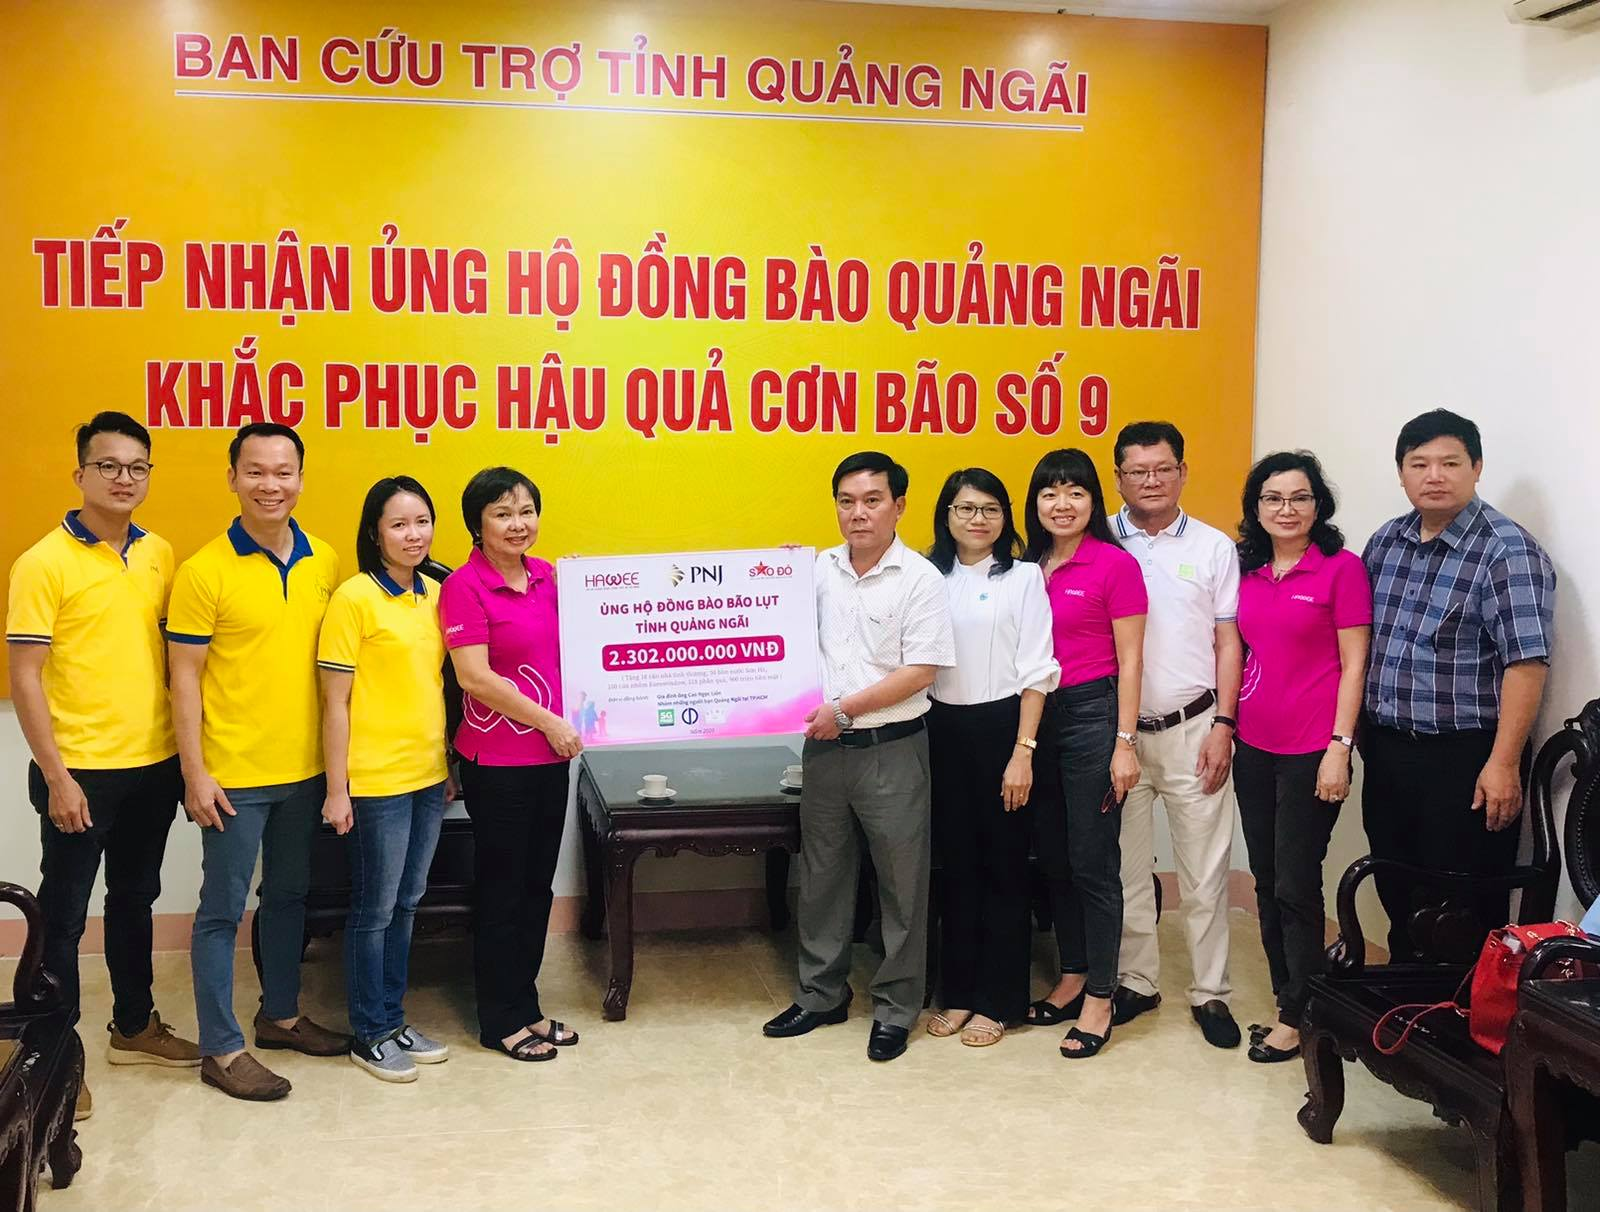 Quỹ Từ Thiện PNJ cùng với Hawee và CLB Sao Đỏ phối hợp hỗ trợ người dân Quảng Ngãi khắc phục sau bão lũ